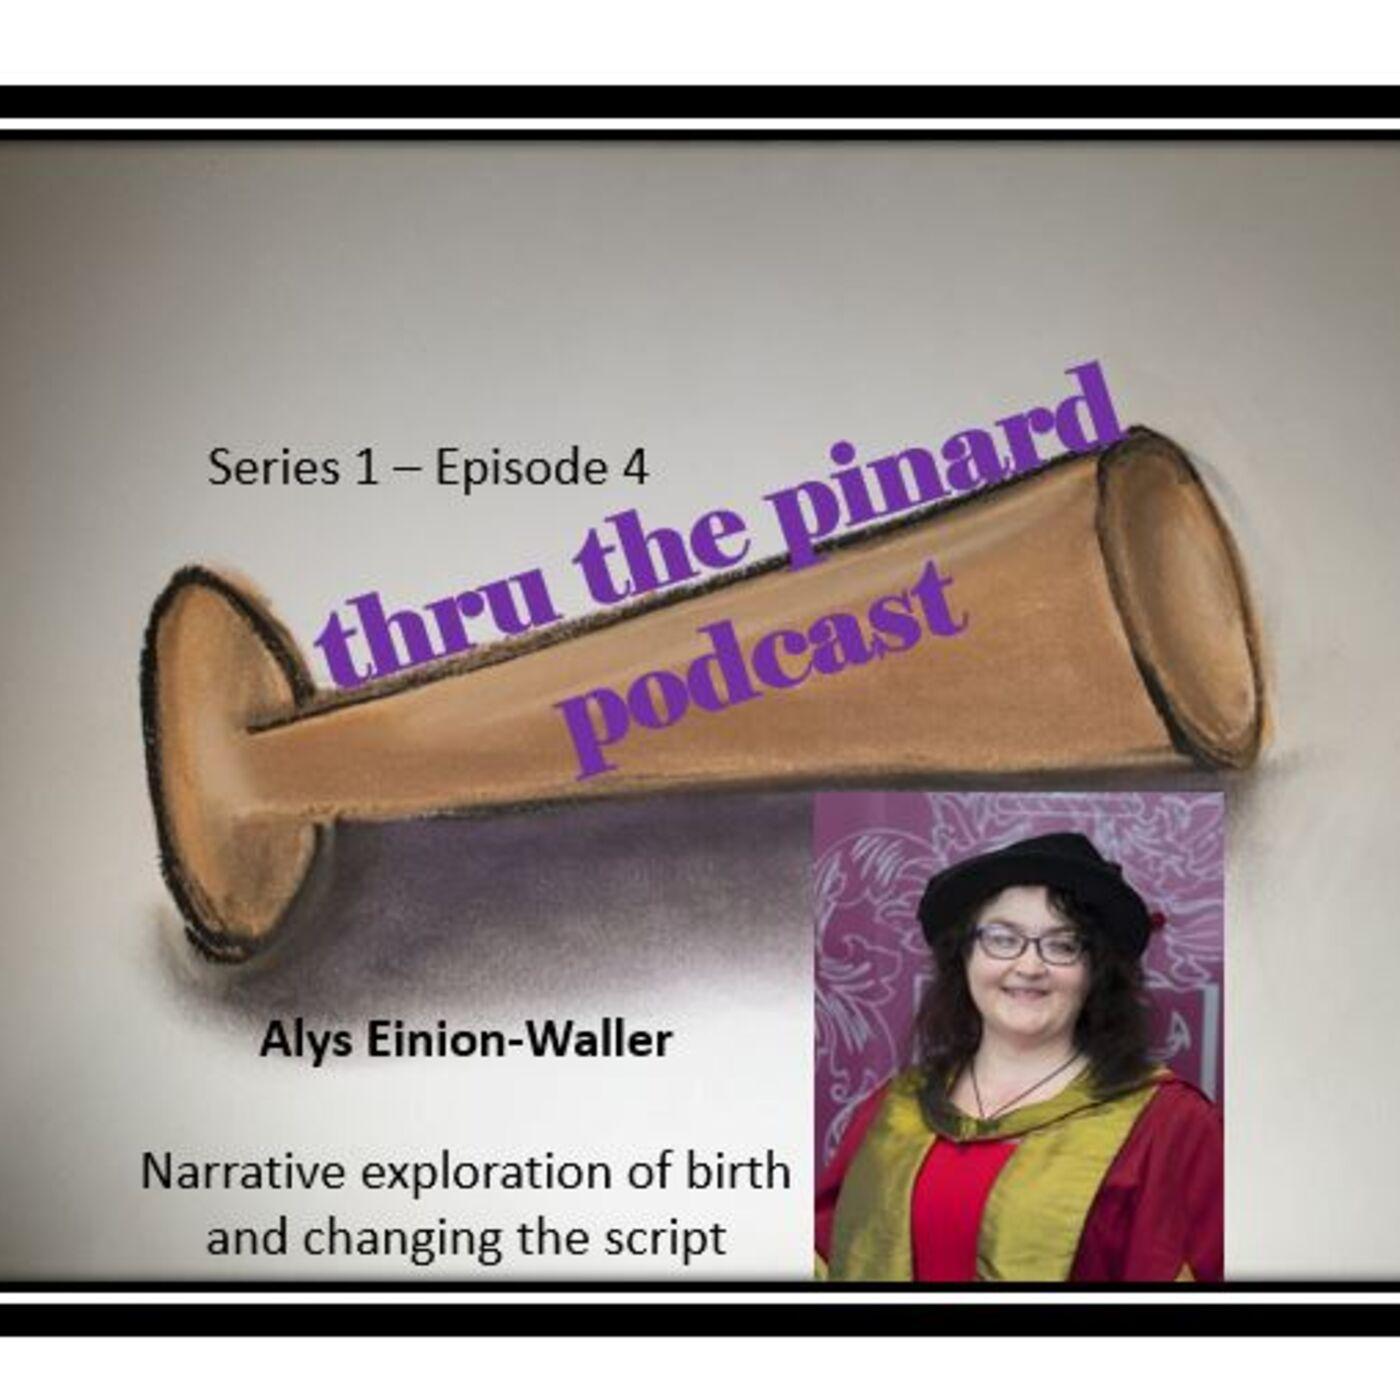 Episode 4 - Alys Einion-Waller & reframing language of birth through birth narratives